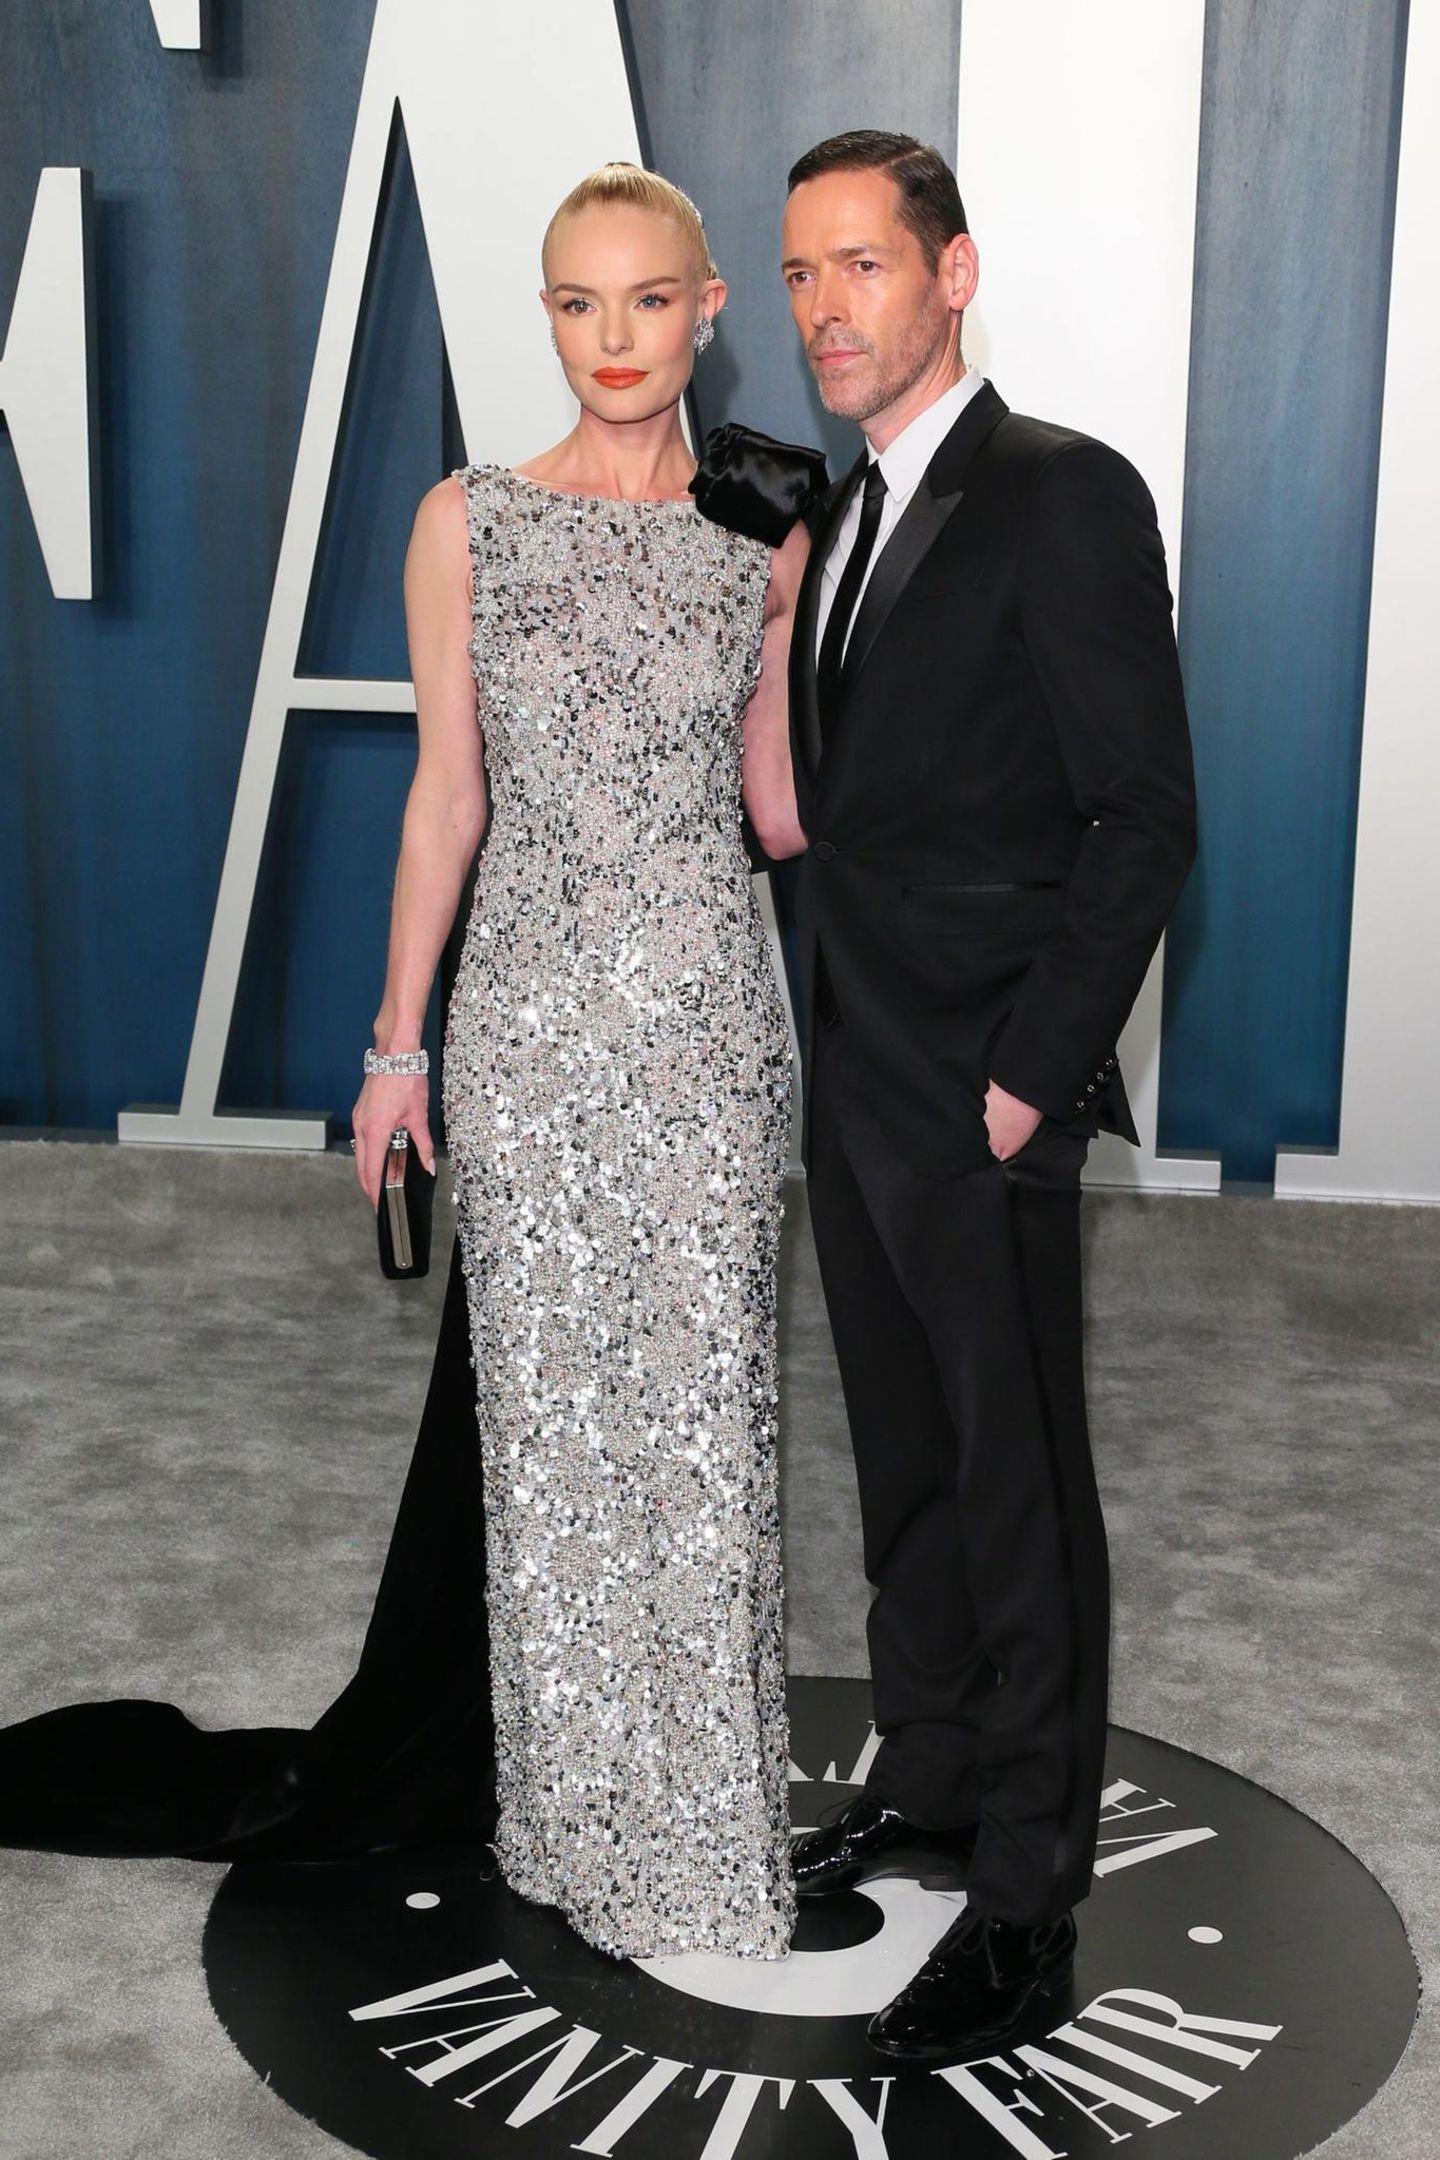 Schauspielerin Kate Bosworth kommt in einer traumhaften Silber-Robe zur Vanity Fair Party. An ihrer Seite EhemannMichael Polish.